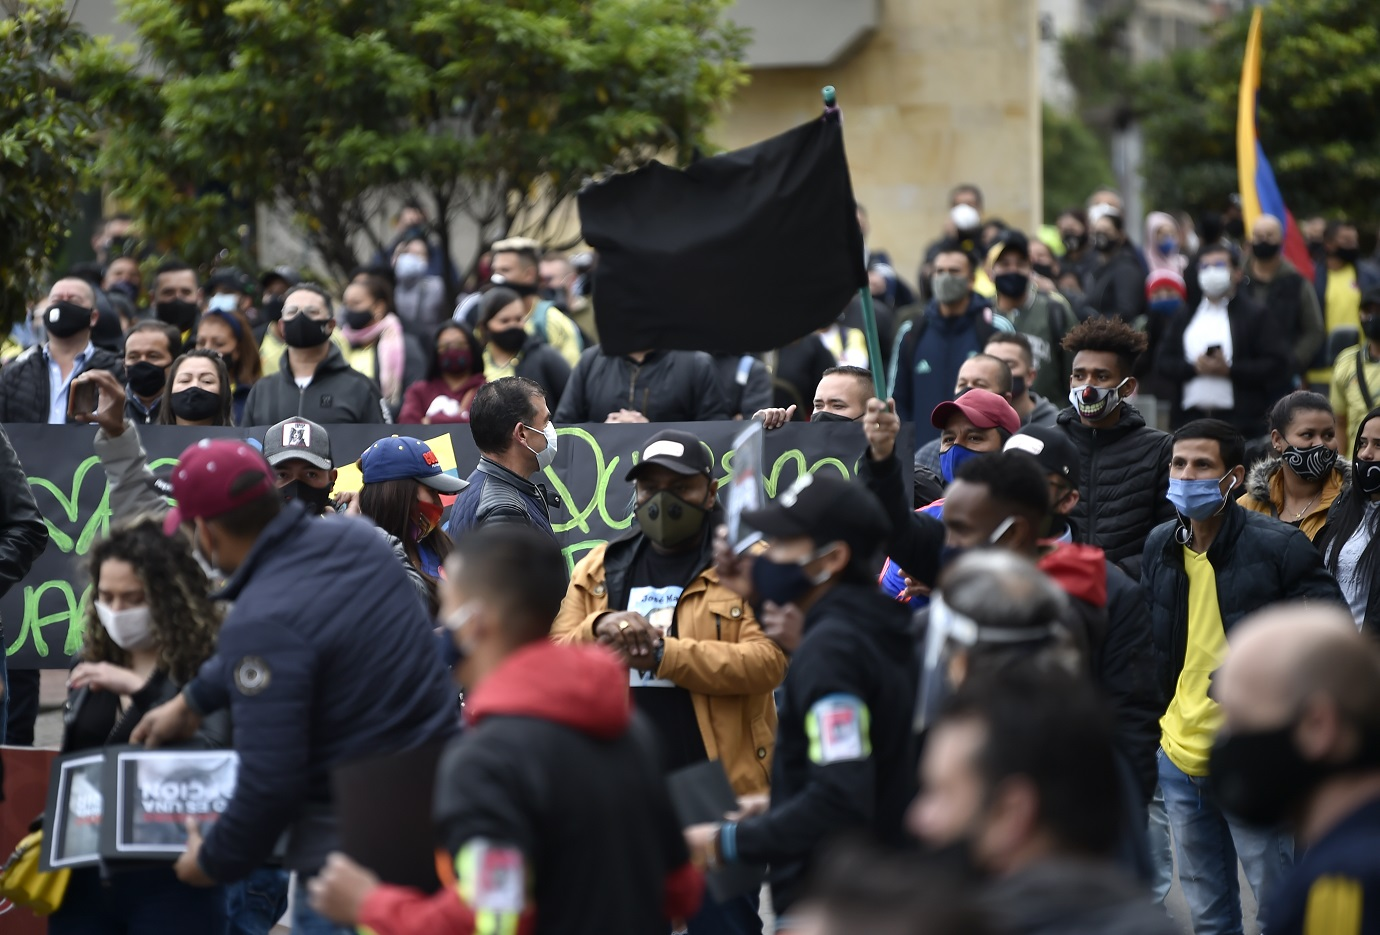 Avanzaron desde el sur de la ciudad hasta el centro y después continuaron por la avenida Caracas hacia el norte de Bogotá. / AFP